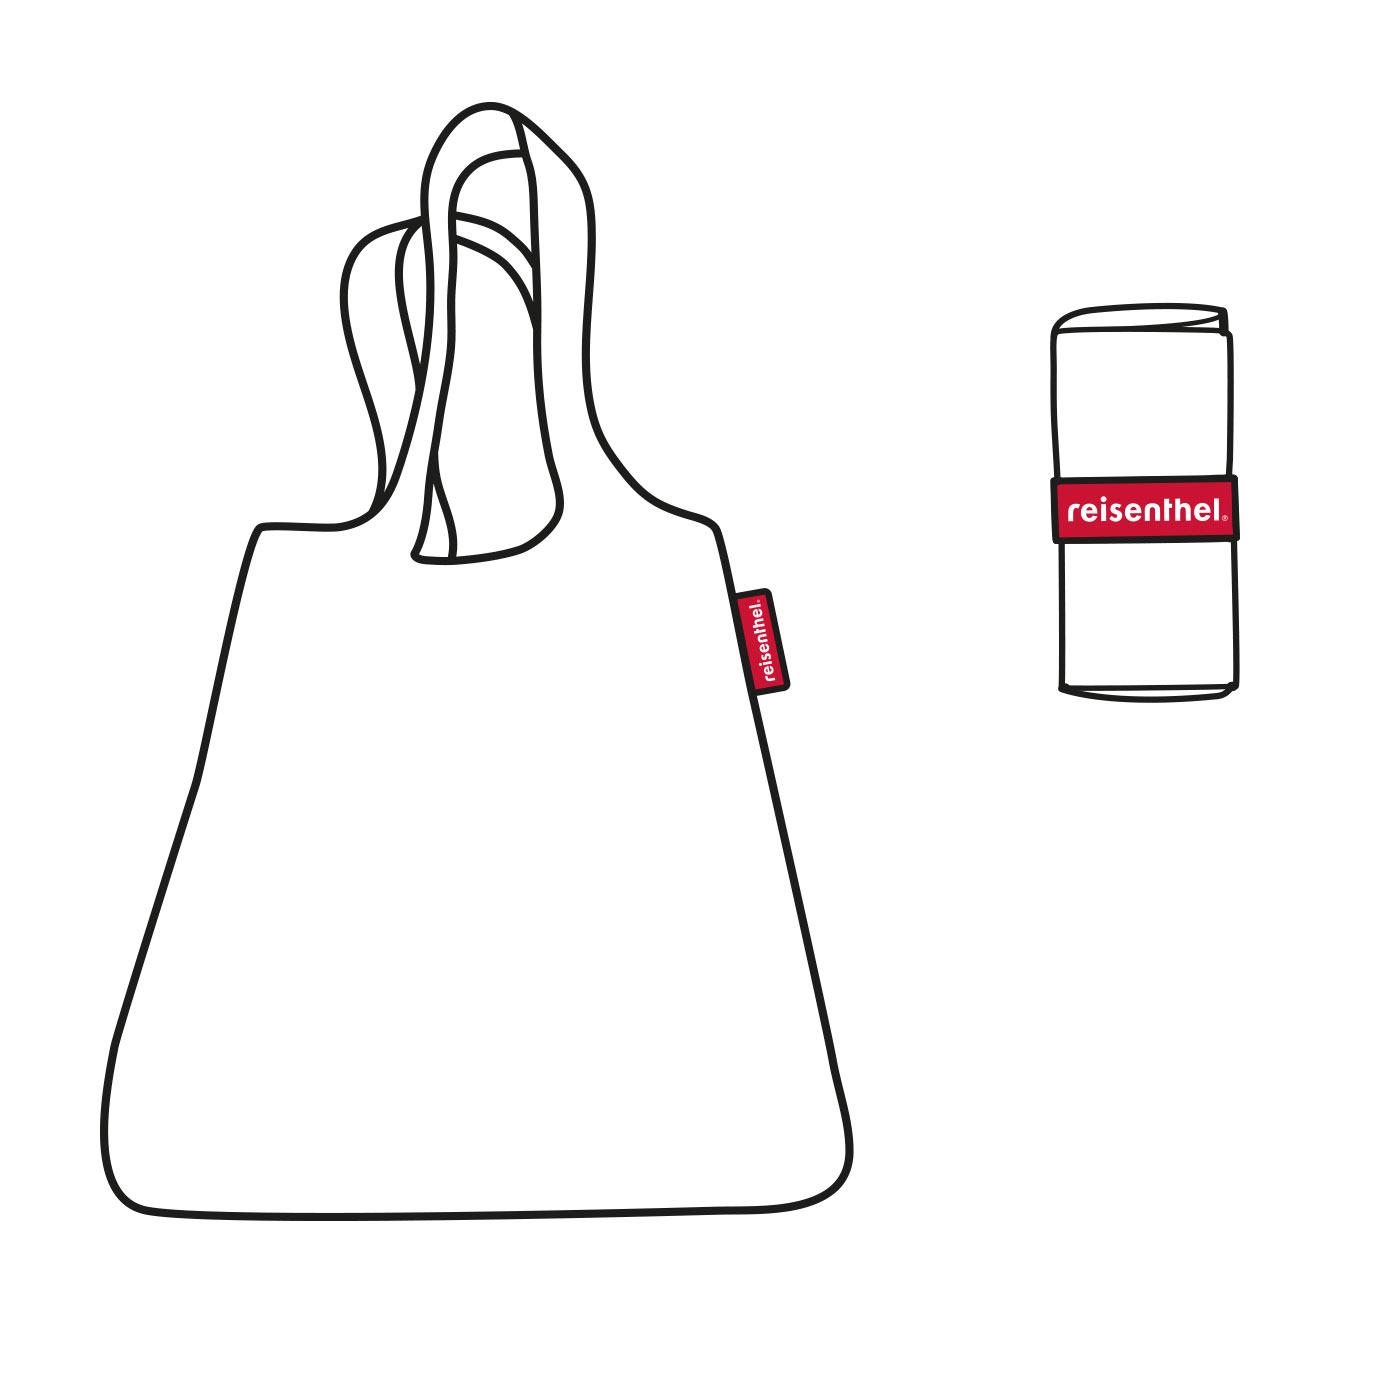 Reisenthel Mini Maxi Shopper Bavaria Rose Nákupní taška, která šetří životní prostředí!  - dvě extra dlouhá ucha pro snadné nošení - rozměr po sbalení je 6 x 12 x 2 cm